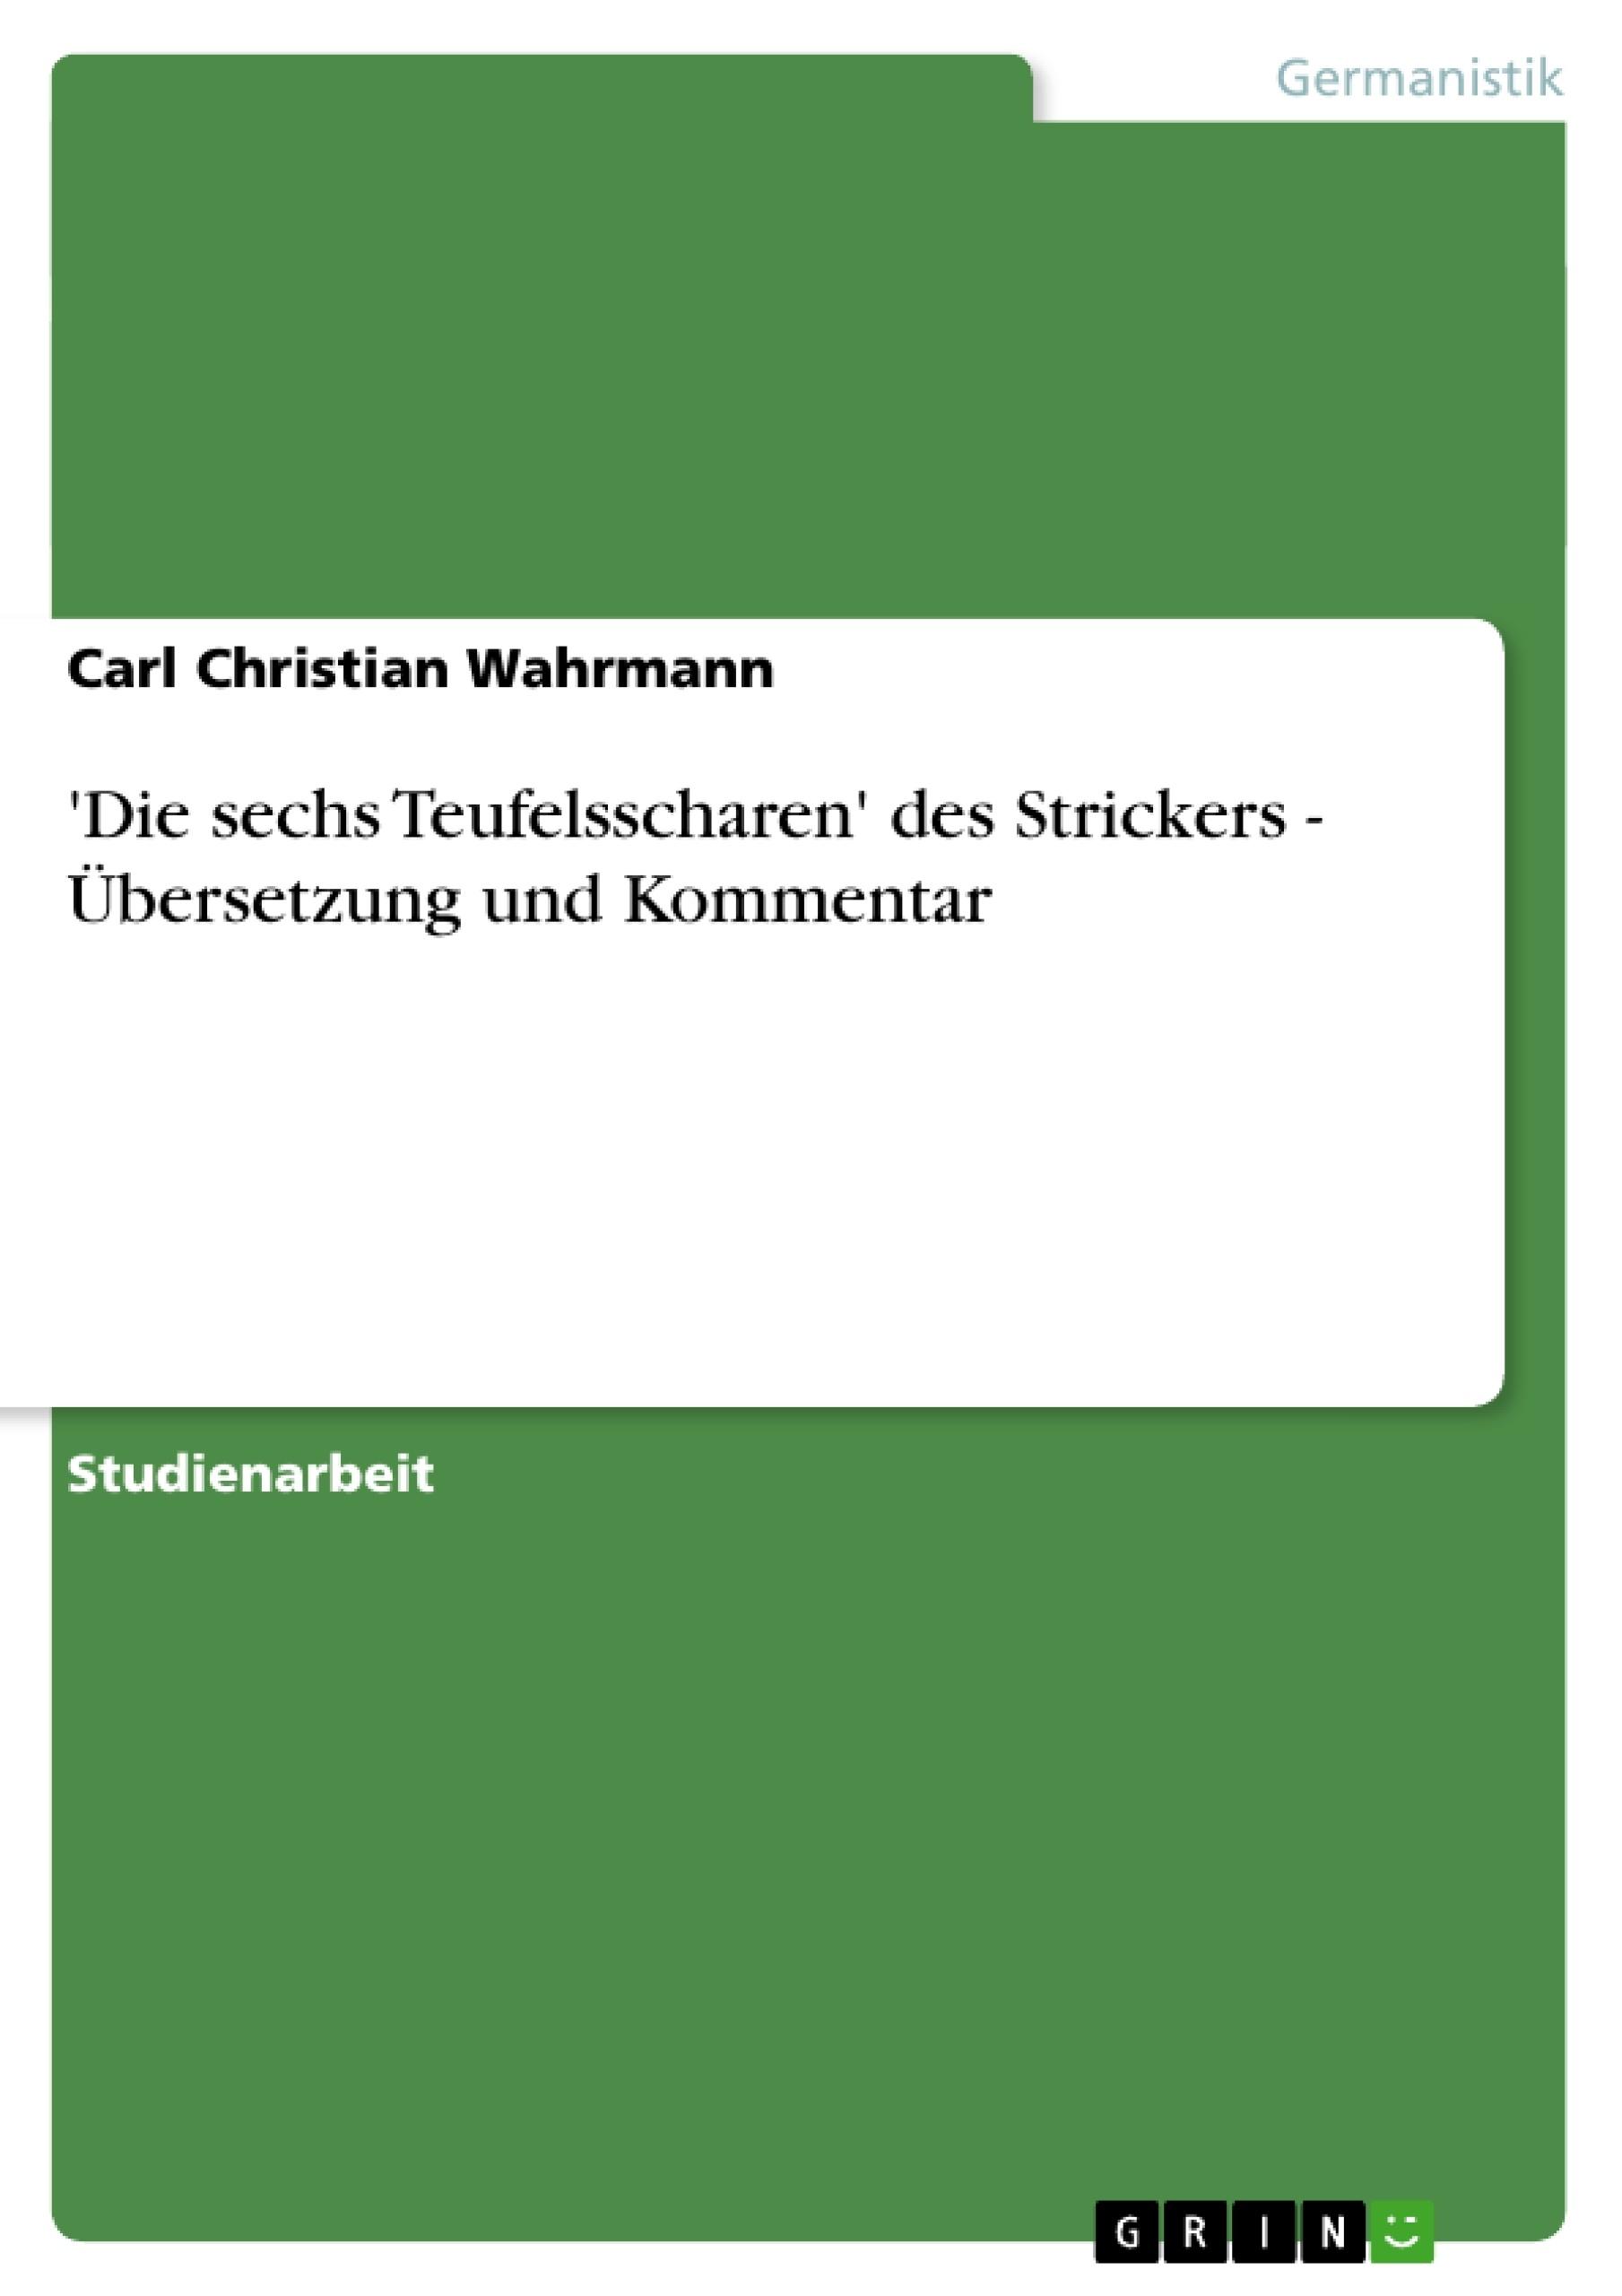 Titel: 'Die sechs Teufelsscharen' des Strickers - Übersetzung und Kommentar